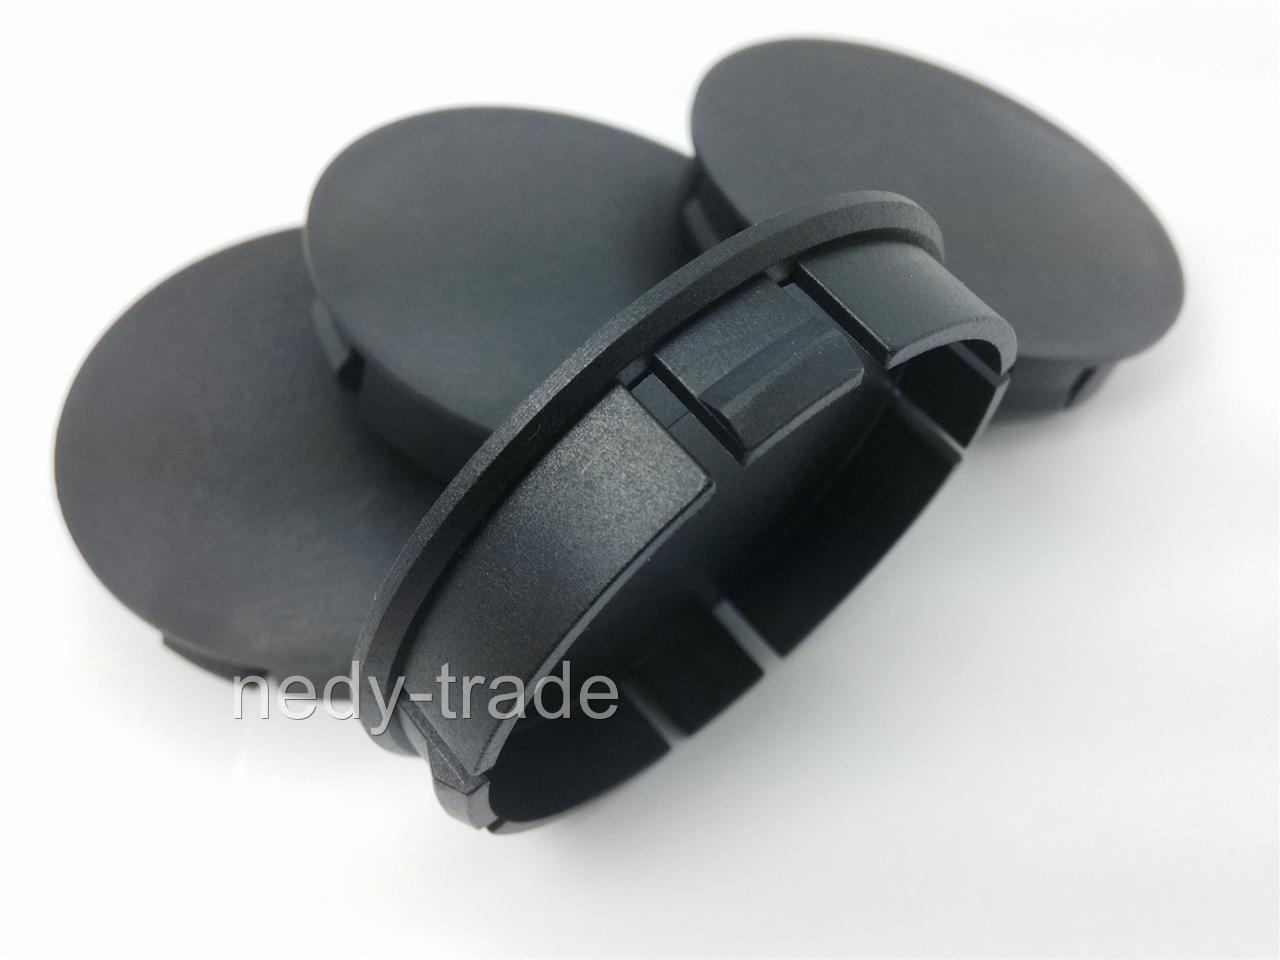 nabenkappen nabendeckel felgendeckel radkappen 60mm 55mm. Black Bedroom Furniture Sets. Home Design Ideas